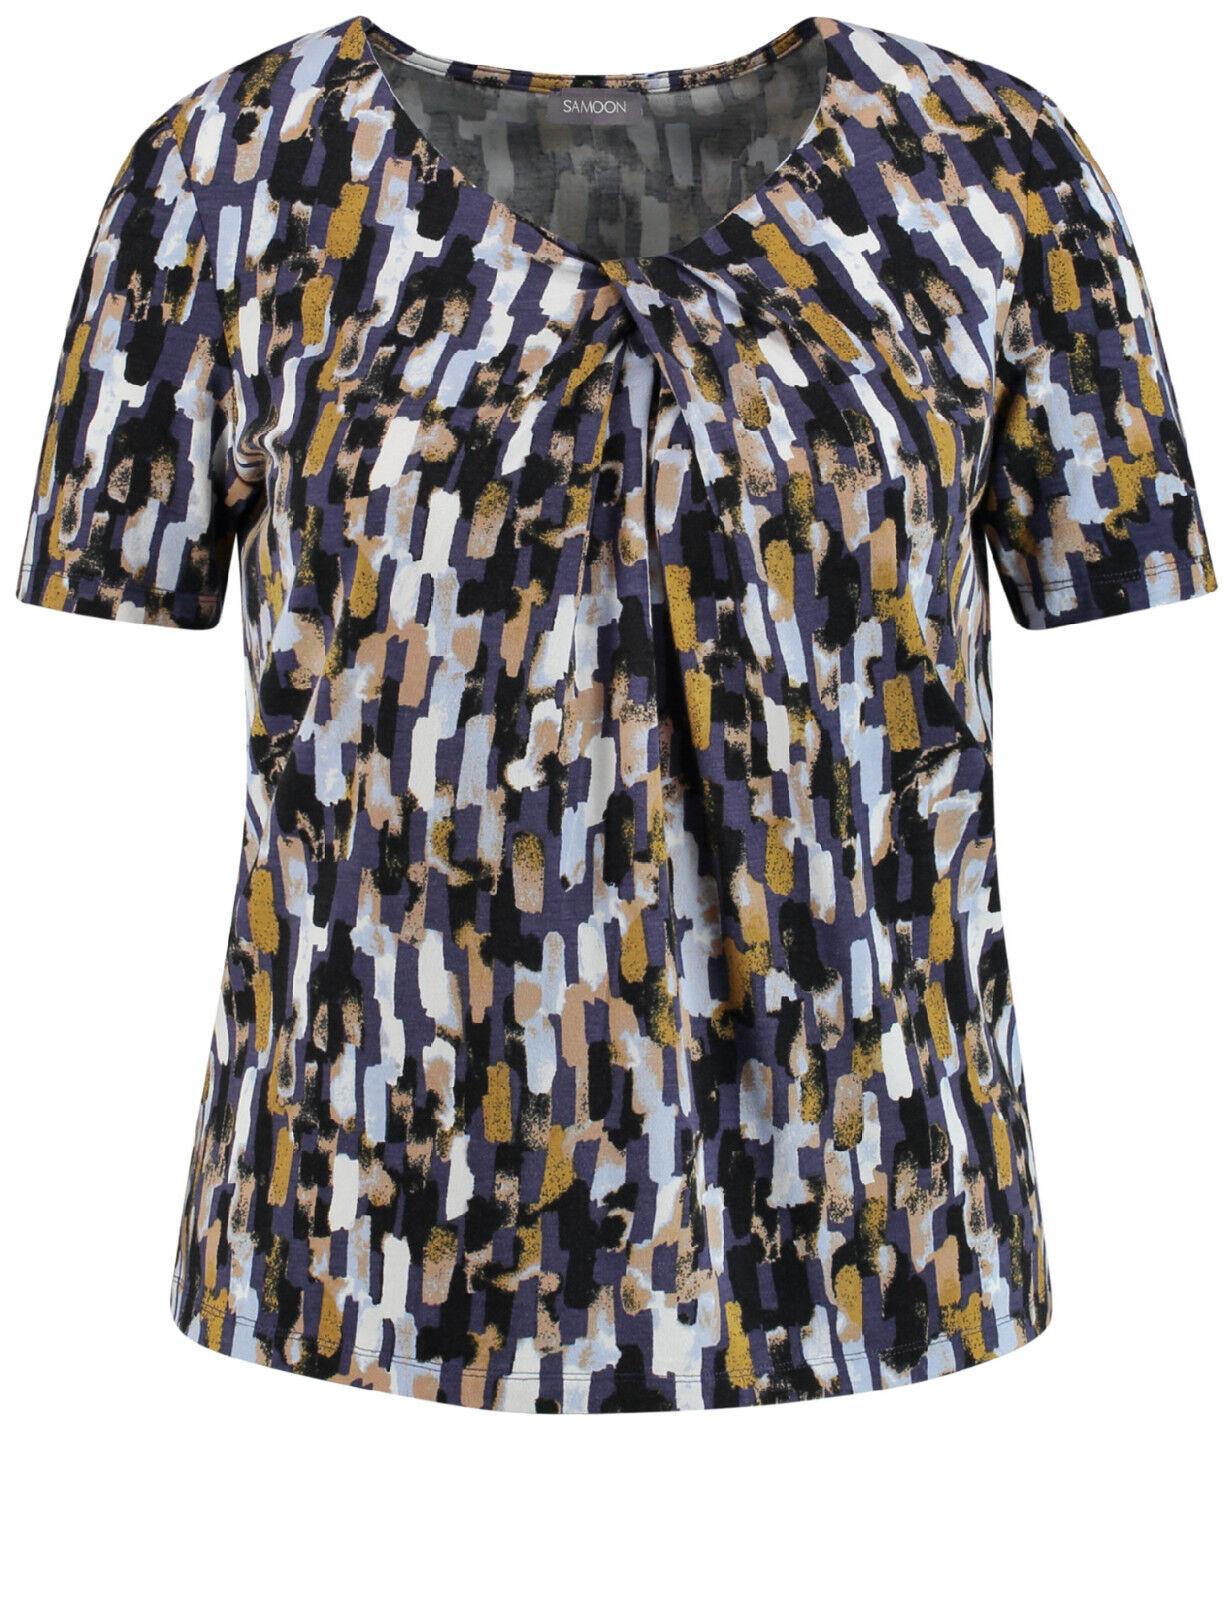 Samoon Shirt mit Knoten-Detail by Gerry Weber Neu TShirt Rundhals Damen Gr.50